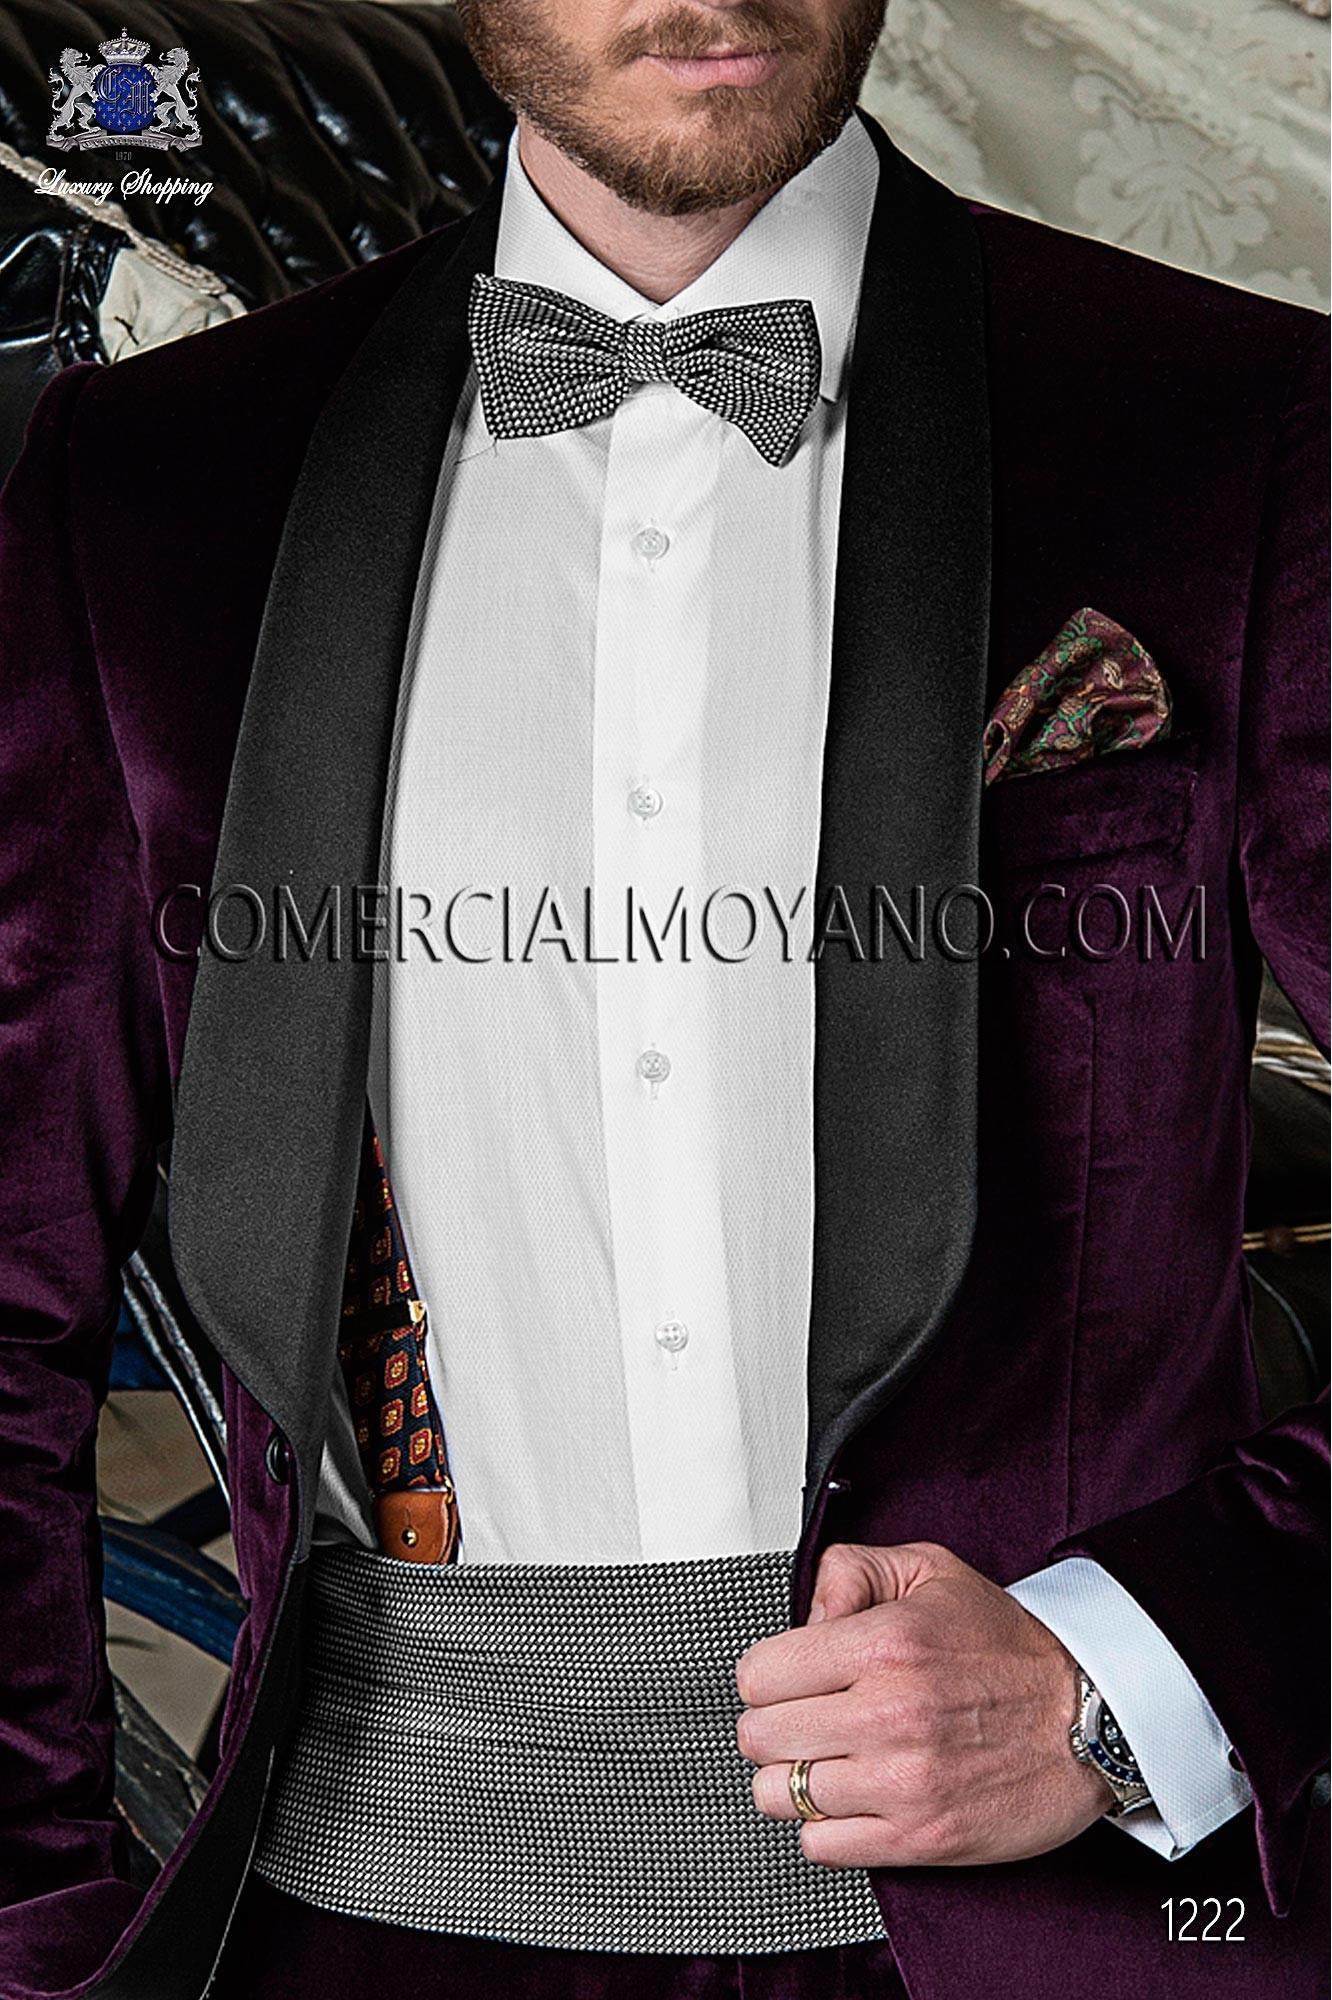 Italian blacktie purple men wedding suit, model: 1222 Ottavio Nuccio Gala Black Tie Collection